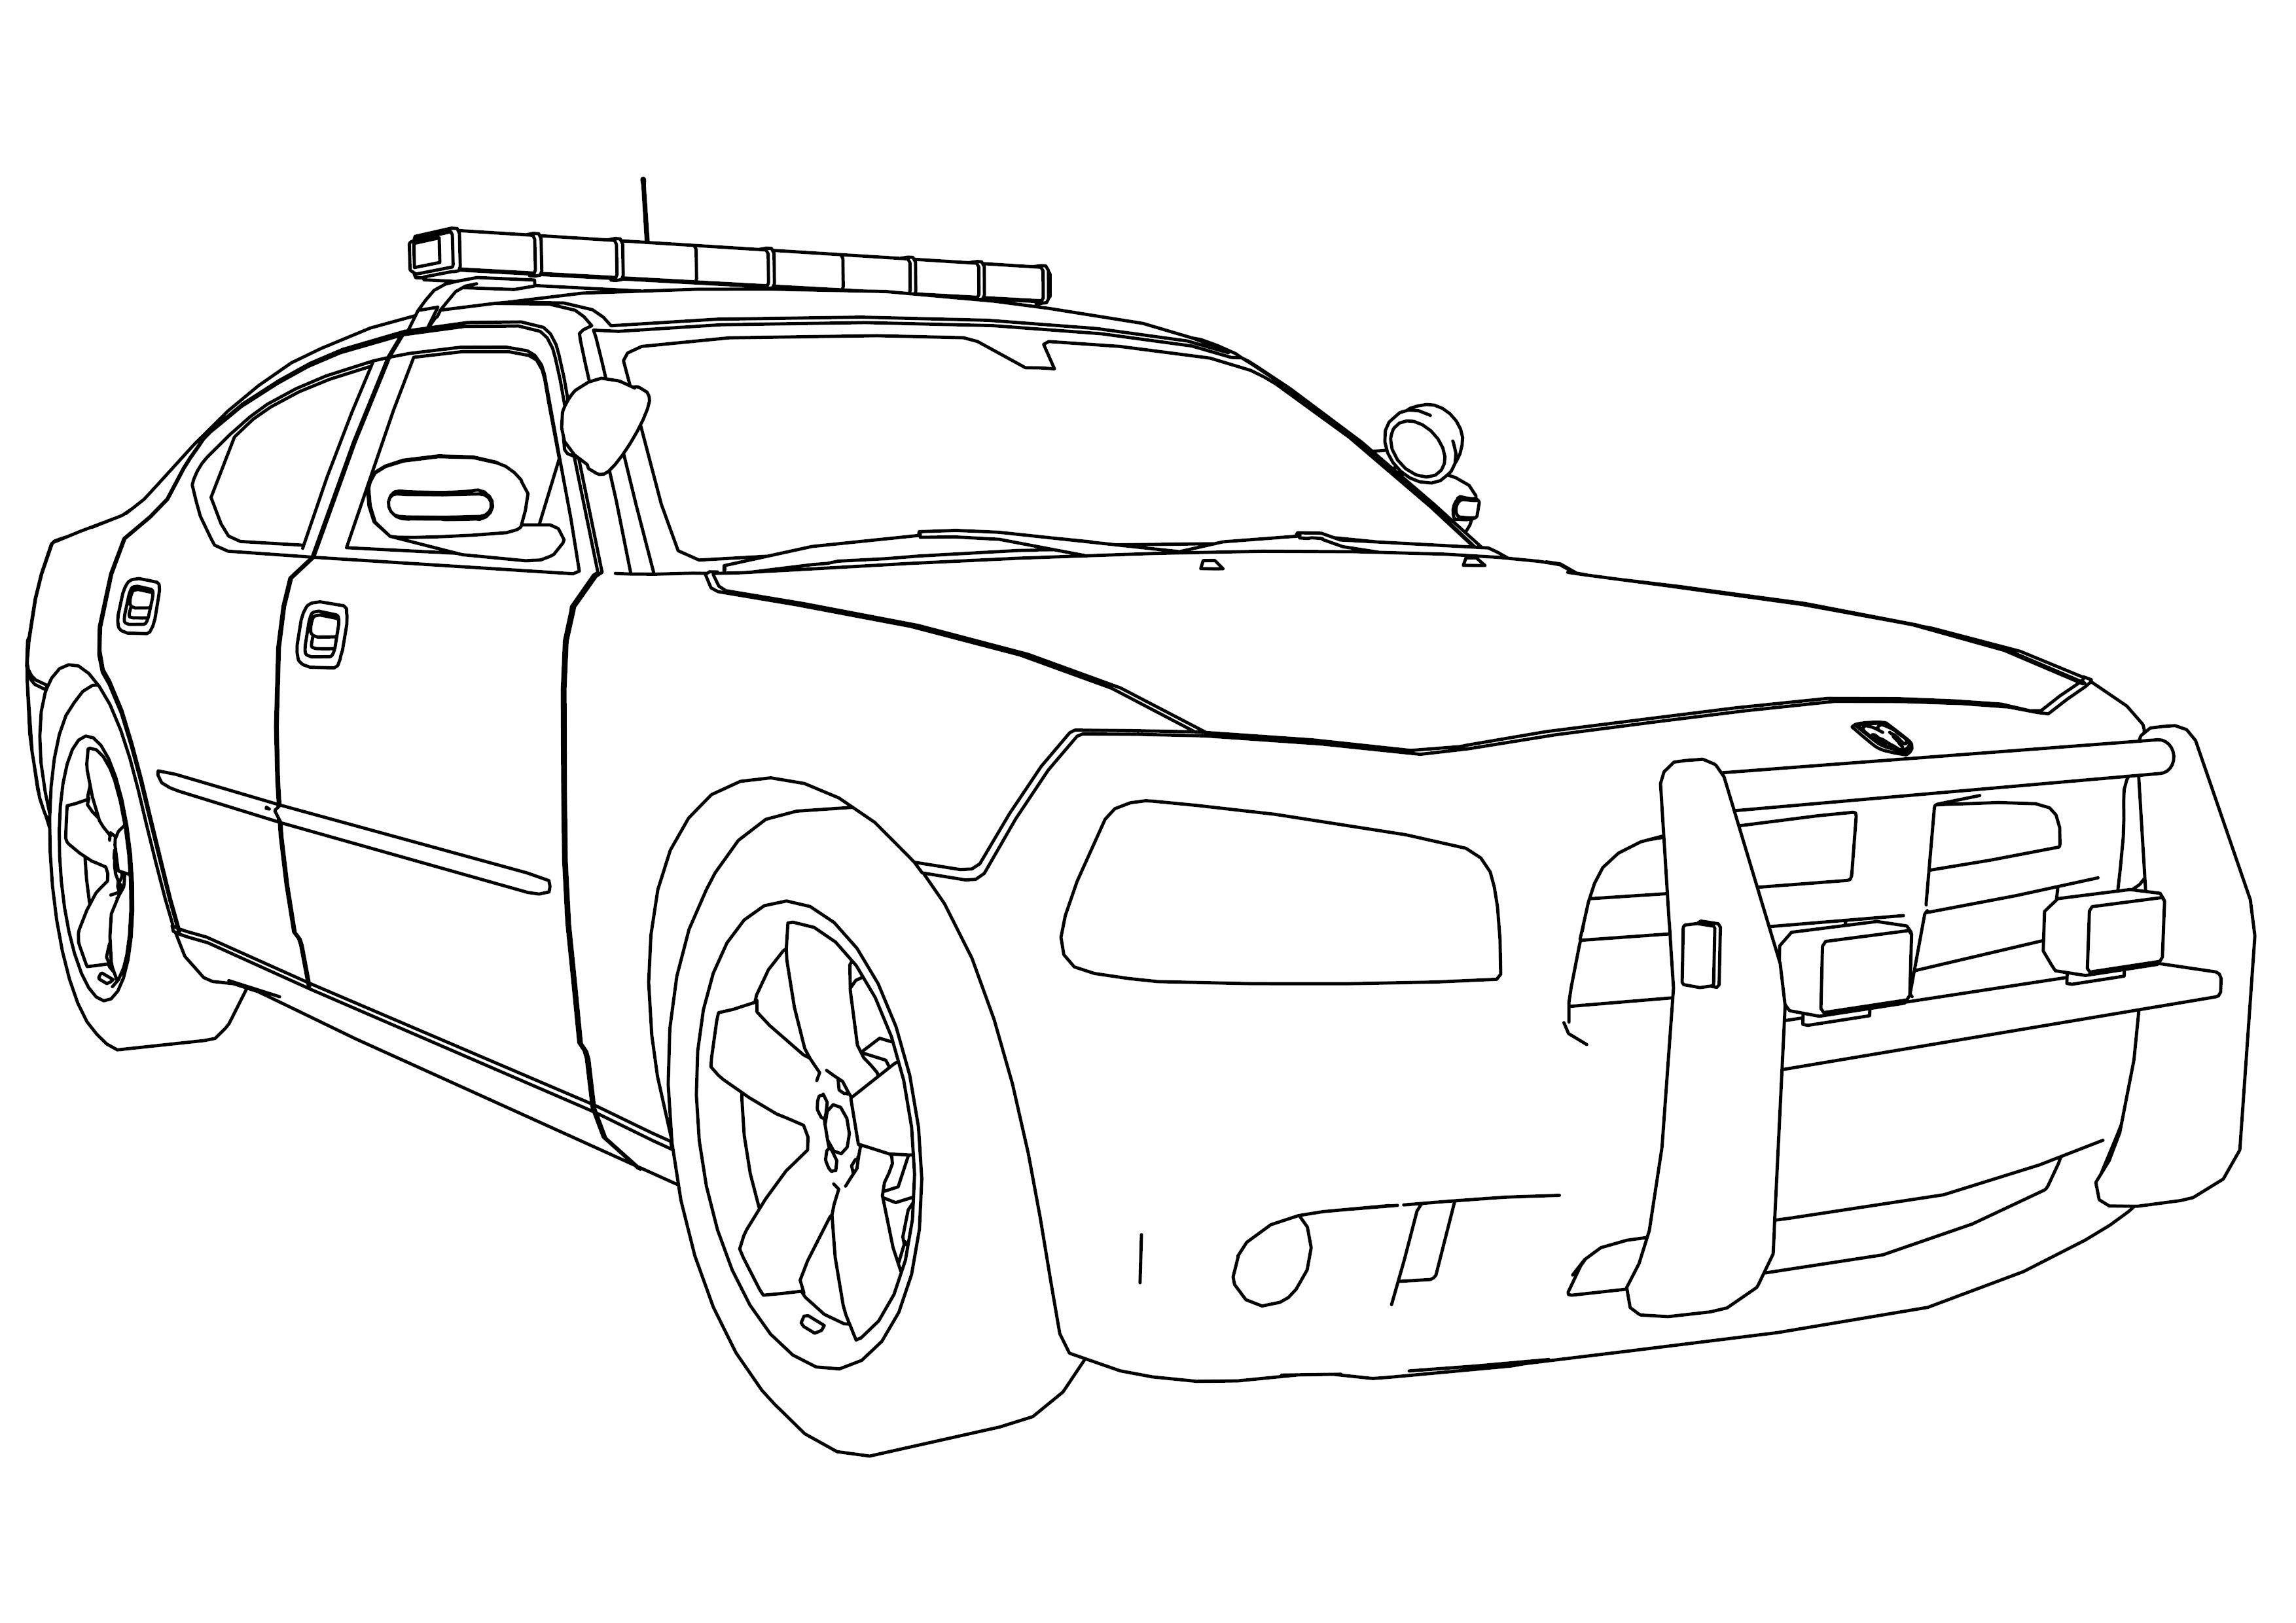 Tranh tô màu xe cảnh sát đẹp nhất